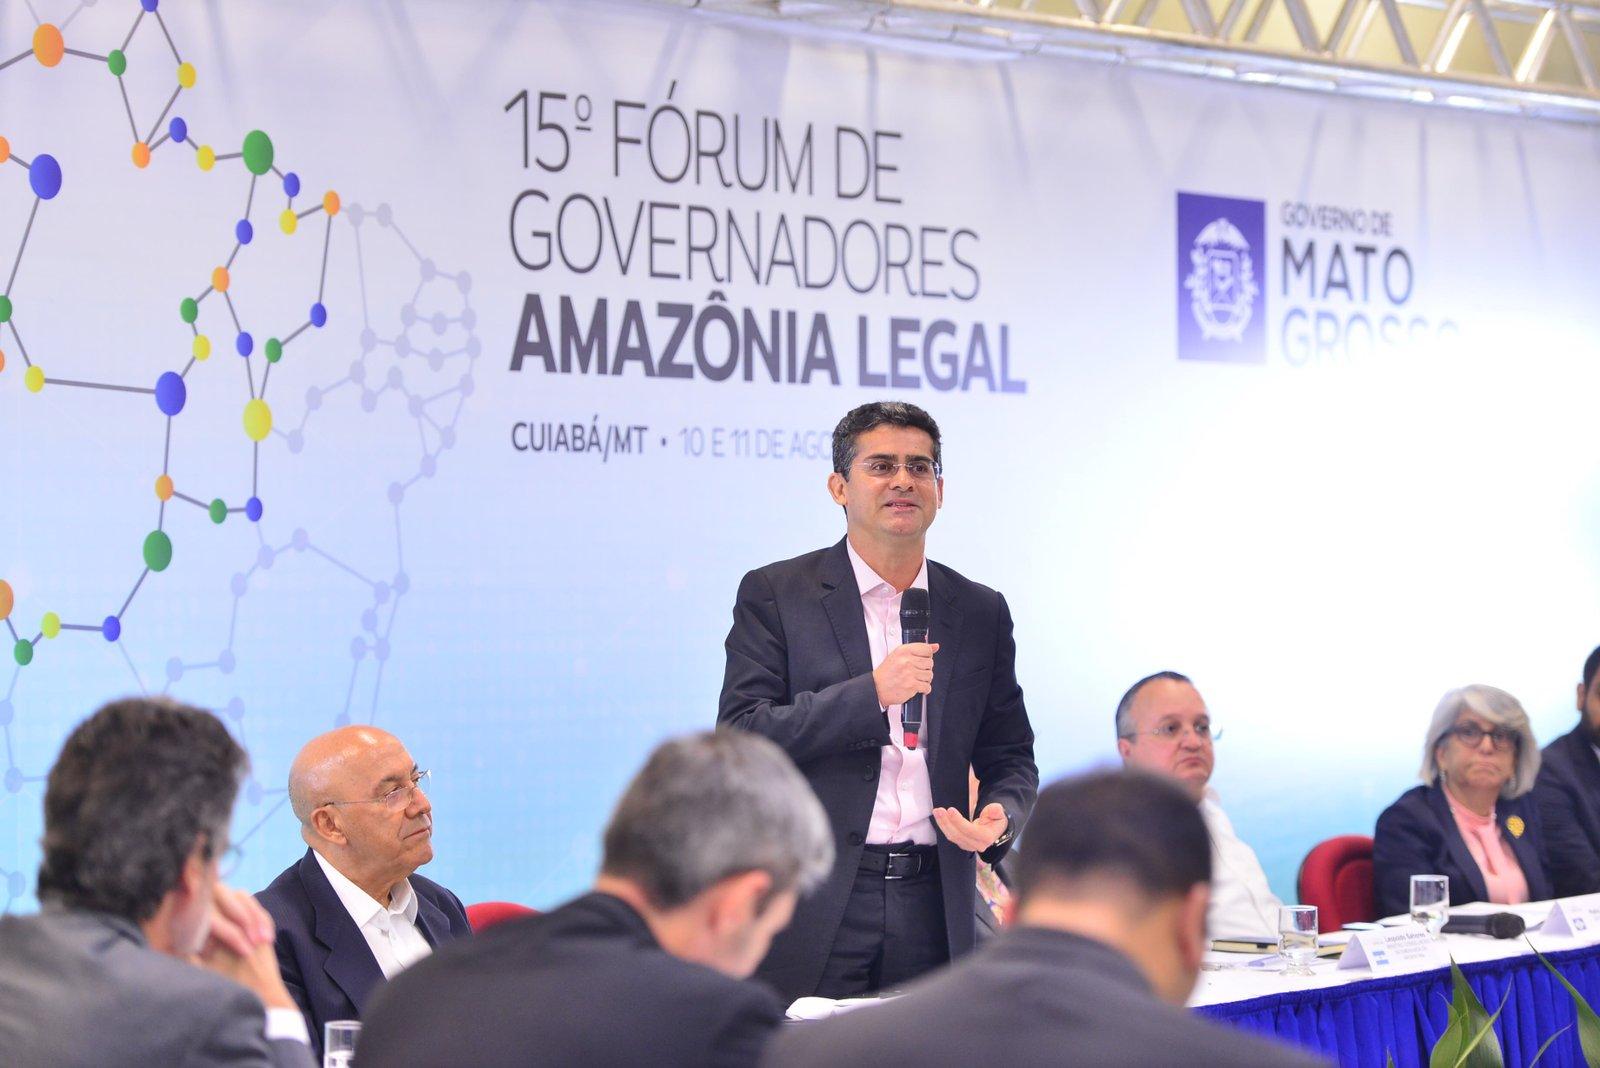 Em Cuiabá, Governador David Almeida defende união entre os Estados para consolidação da Amazônia